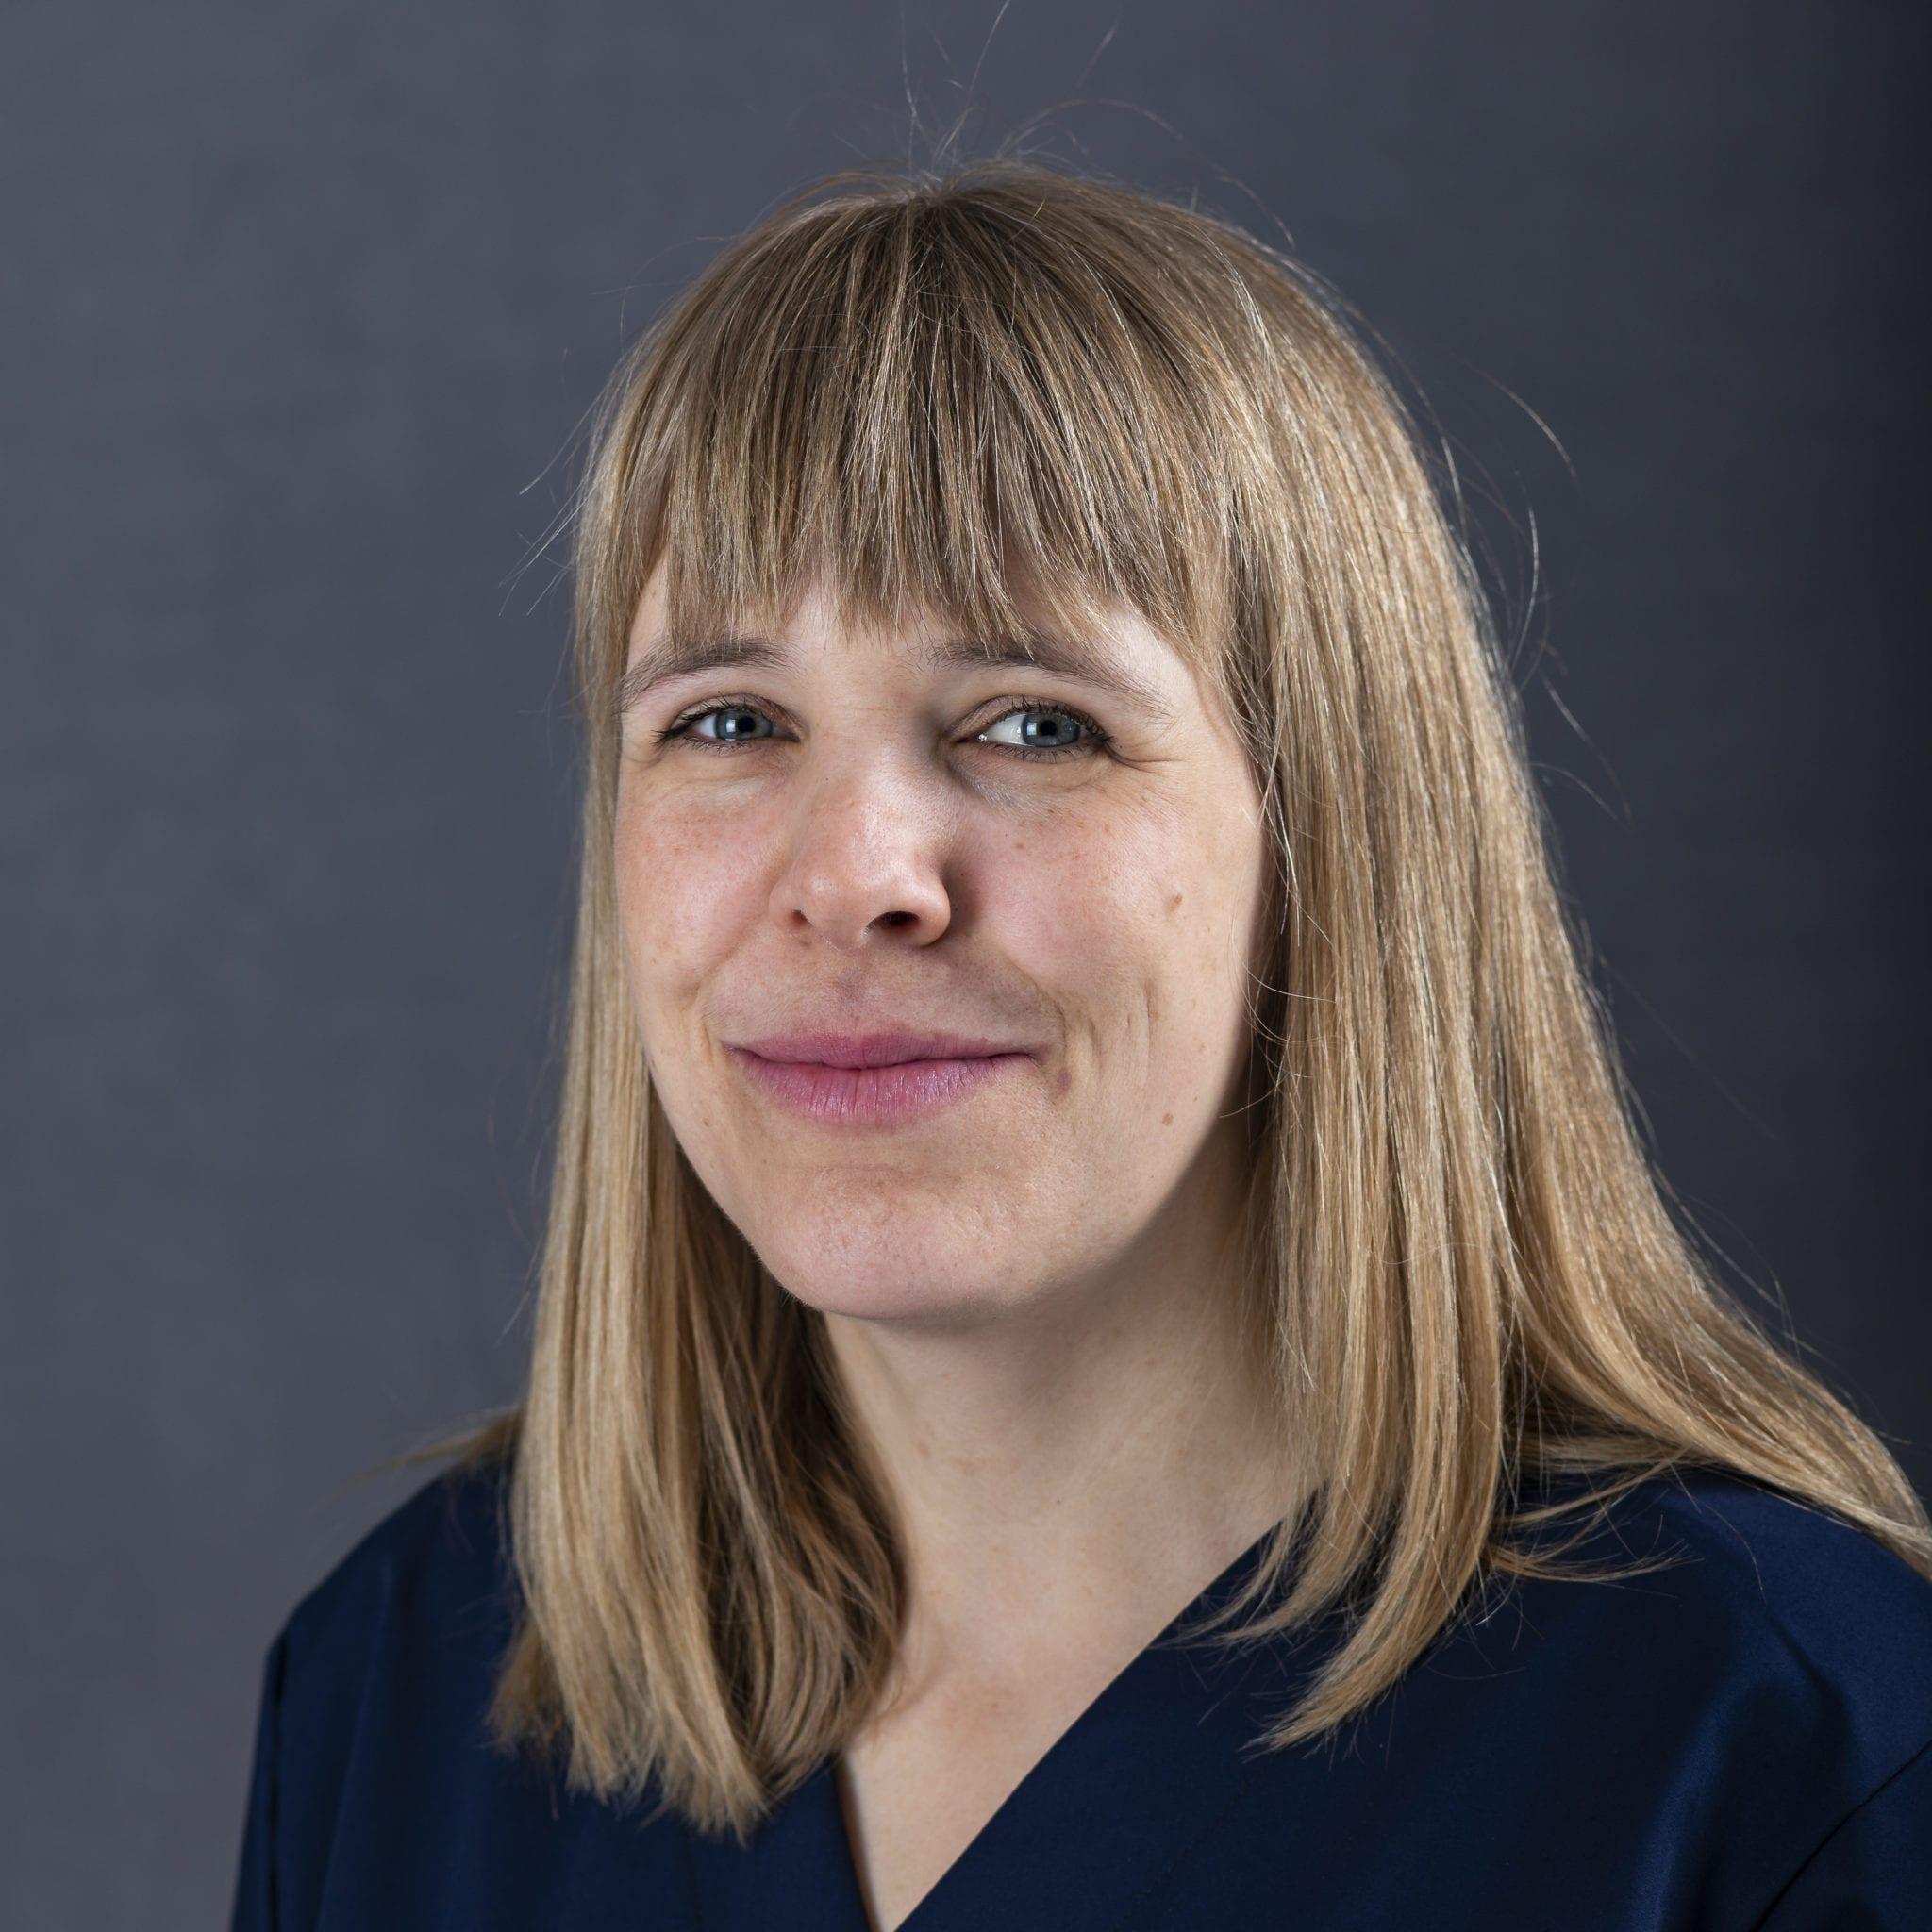 Karen Margrethe Ahlsen Alkanger